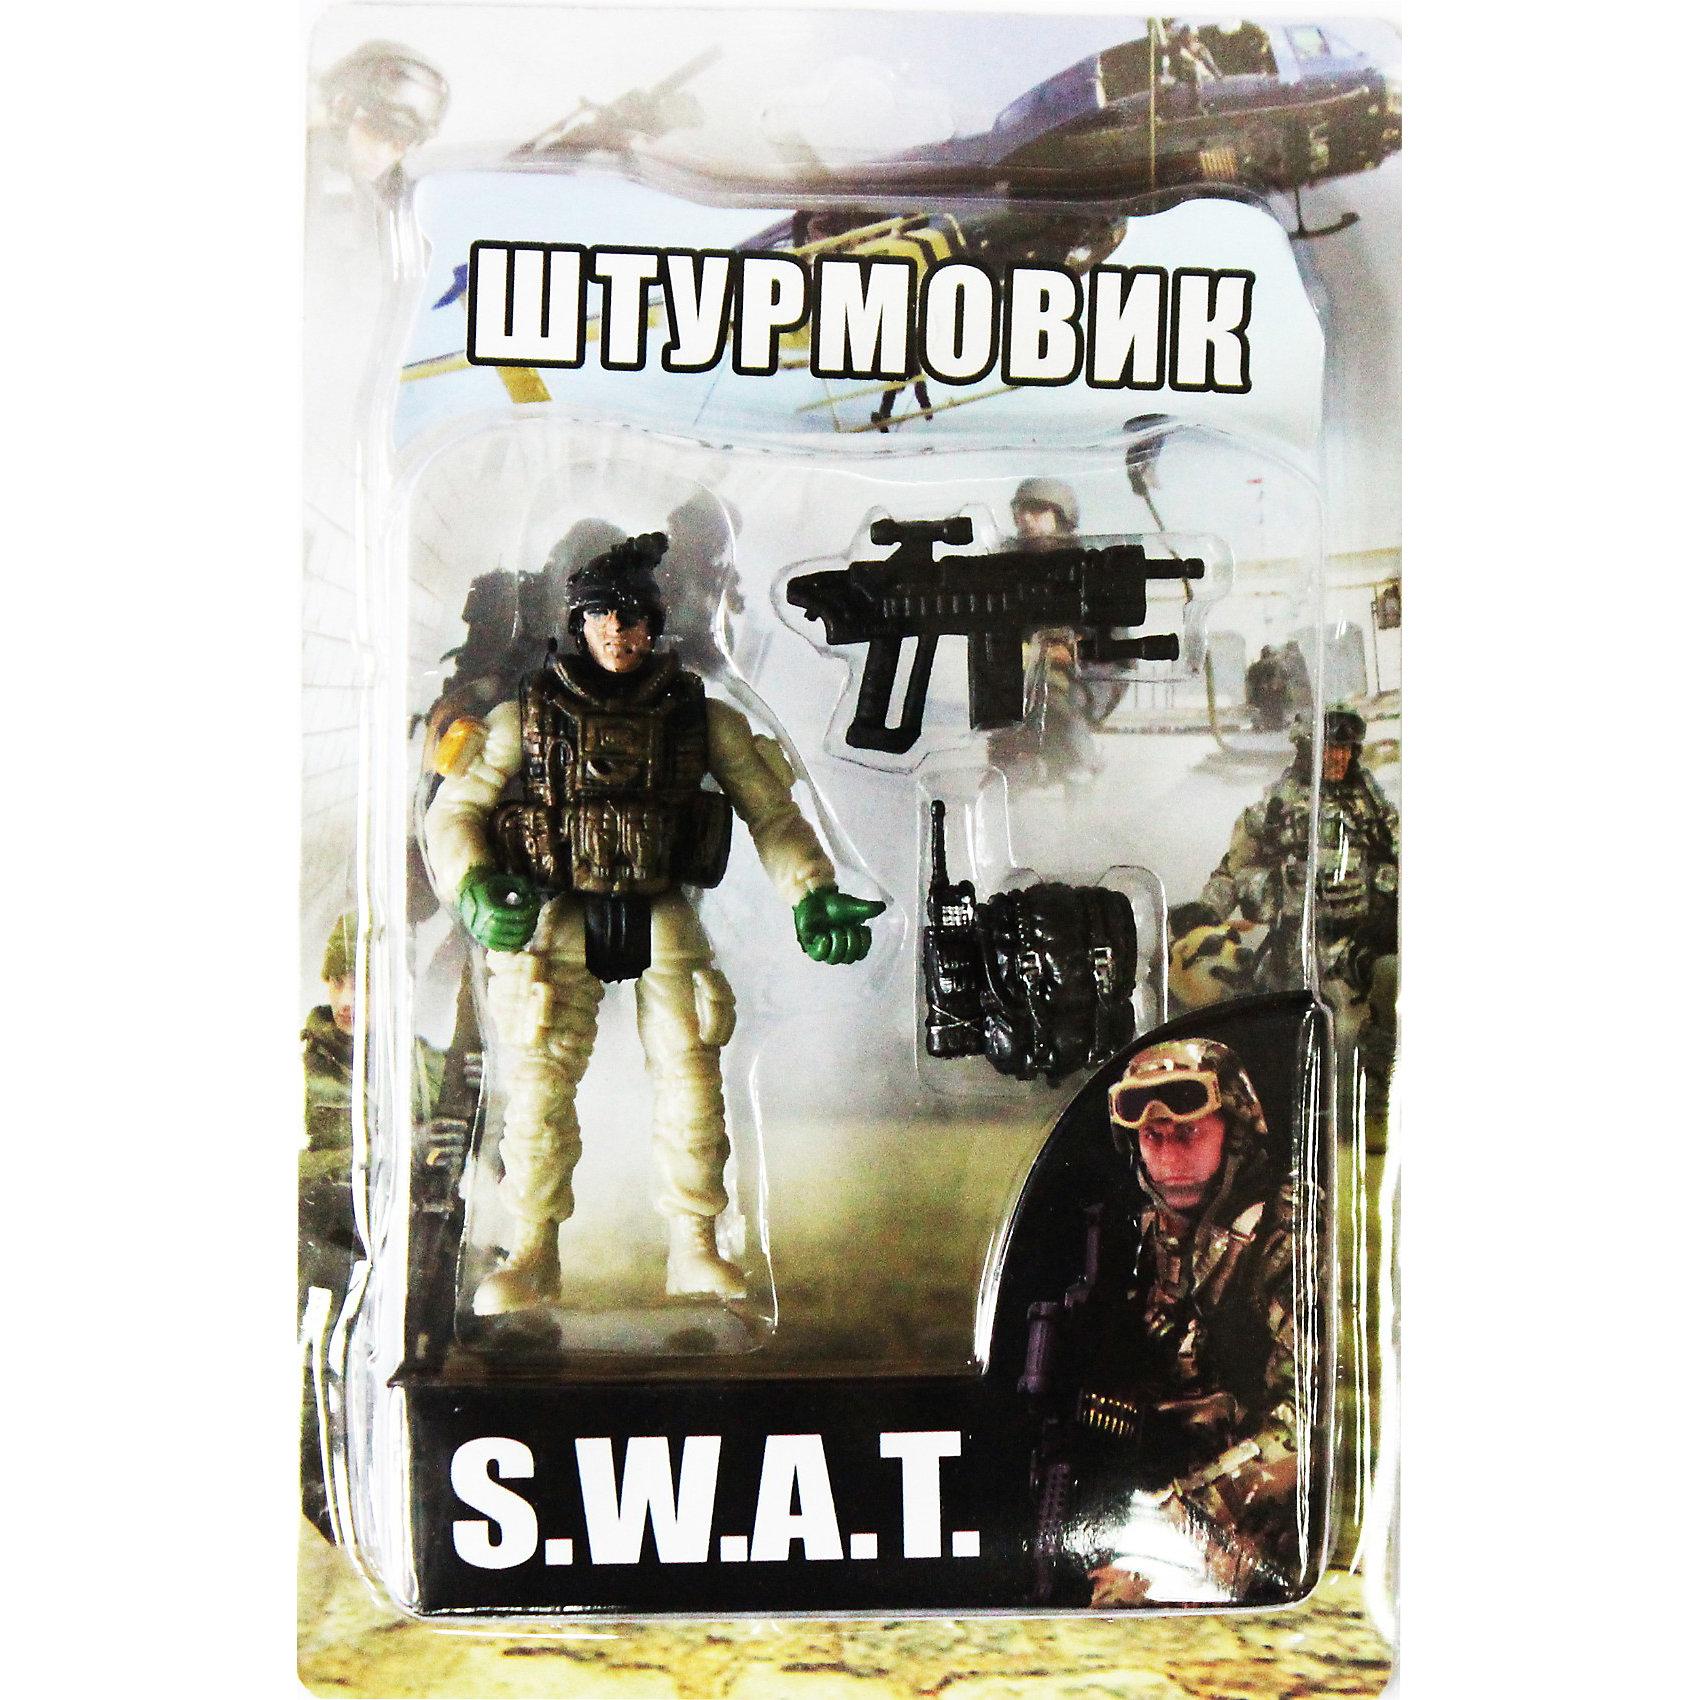 Фигурка Штурмовик. Отряд SWATВсе мальчишки любят играть в войн и солдатиков, а когда это бойцы спецподразделения SWAT (Special Weapons and Tactics), игра становится еще более интересной. Цель бойцов спецназа - обеспечение огневой мощи в ходе специальных операций в ситуациях, характеризующихся высокой степенью риска, где специальная тактика необходима для минимизации потерь.<br>Штурмовик во время боя играет очень важную роль, которая заключается в обеспечении своих братьев по оружию патронами. Он может пополнять амуницию при помощи своего специального ящика, находящийся постоянно при нем.<br><br>Дополнительная информация:<br><br>- высота: около 10 см<br>- у фигурки подвижные руки и ноги<br>- размер упаковки: 14 х 20 х 4 см<br>- материал: пластик<br>- в комплекте аксессуары: рюкзак и автомат<br><br>Фигурку  Штурмовика. Отряд SWAT  можно купить в нашем магазине.<br><br>Ширина мм: 40<br>Глубина мм: 140<br>Высота мм: 200<br>Вес г: 200<br>Возраст от месяцев: 36<br>Возраст до месяцев: 120<br>Пол: Мужской<br>Возраст: Детский<br>SKU: 3730518